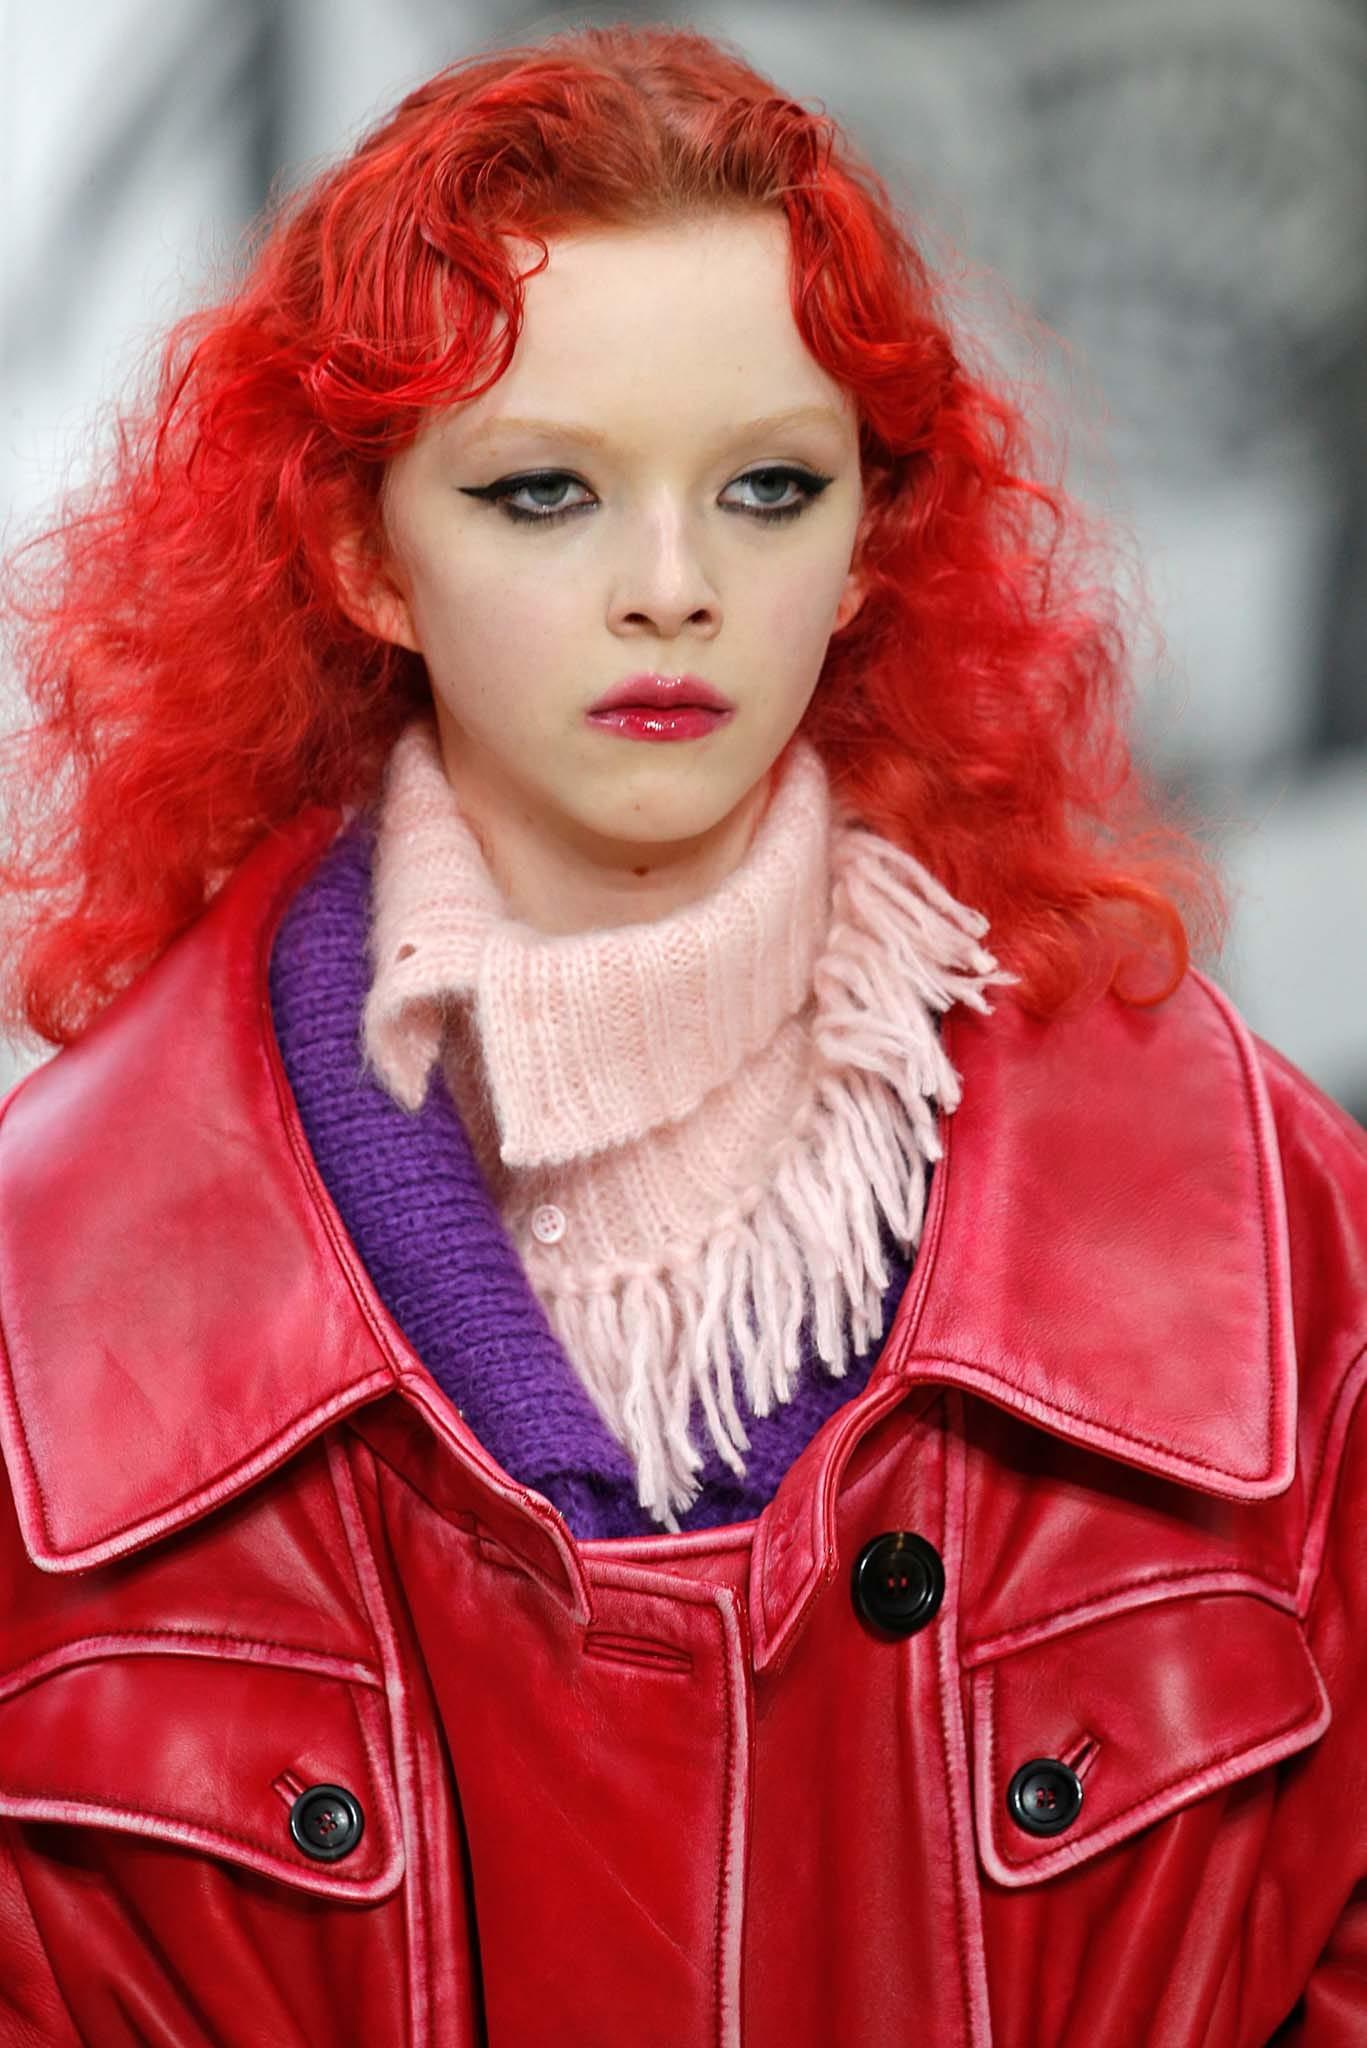 Cabellera roja (color al estilo Chucky) ondulada, encrespada